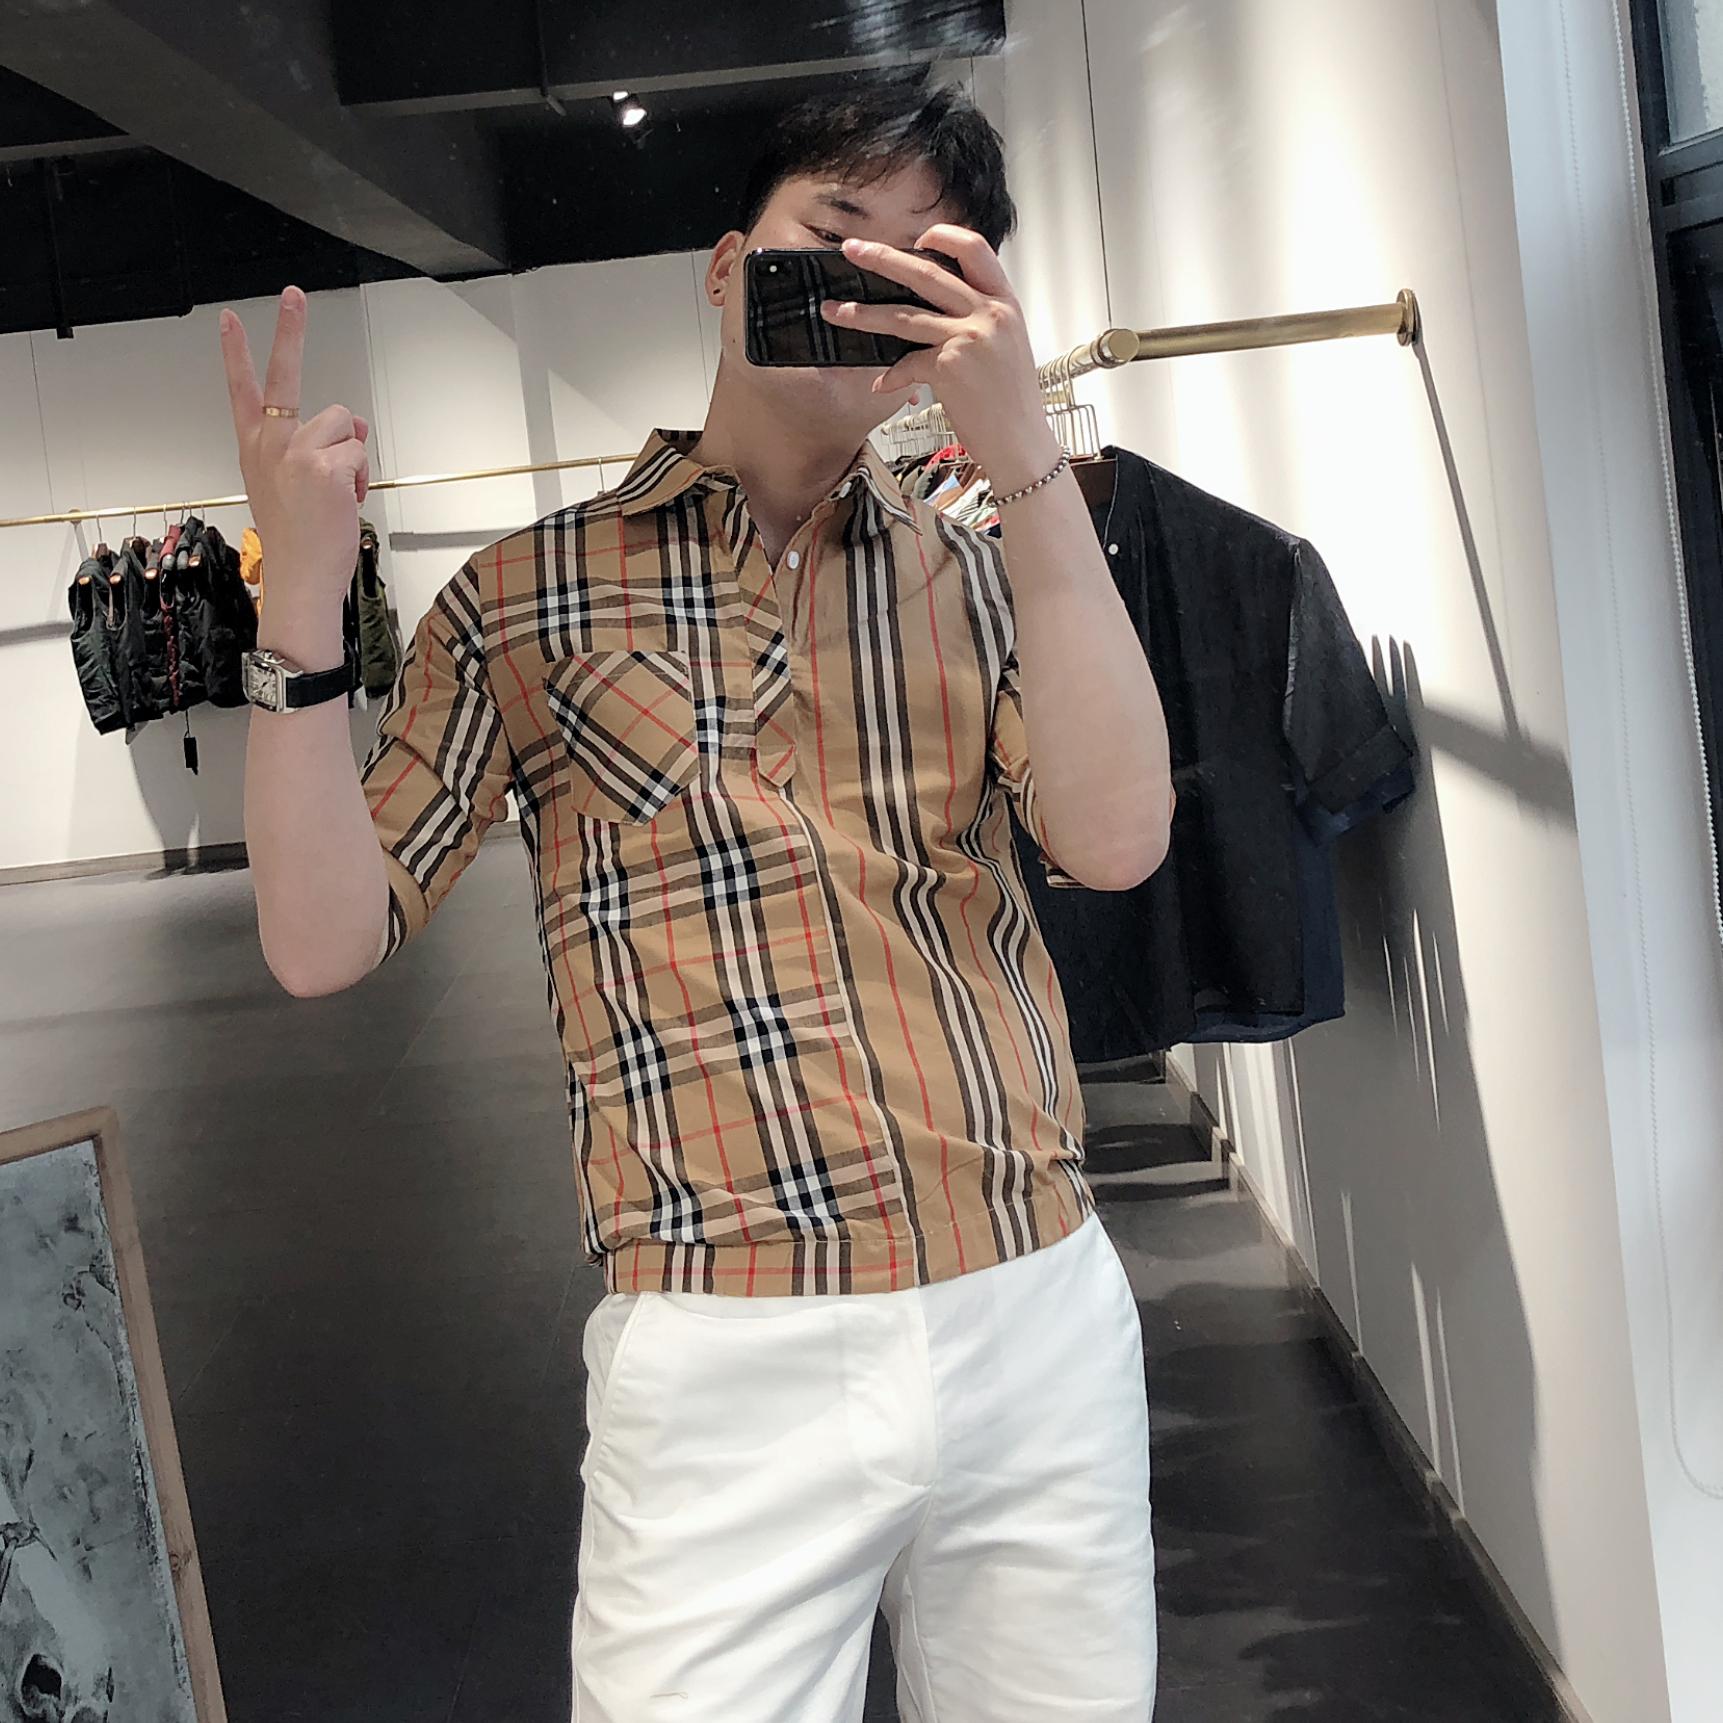 夏季新品大牌格子套头衬衫男半袖韩版潮流帅气拼接五分袖衬衣 2019